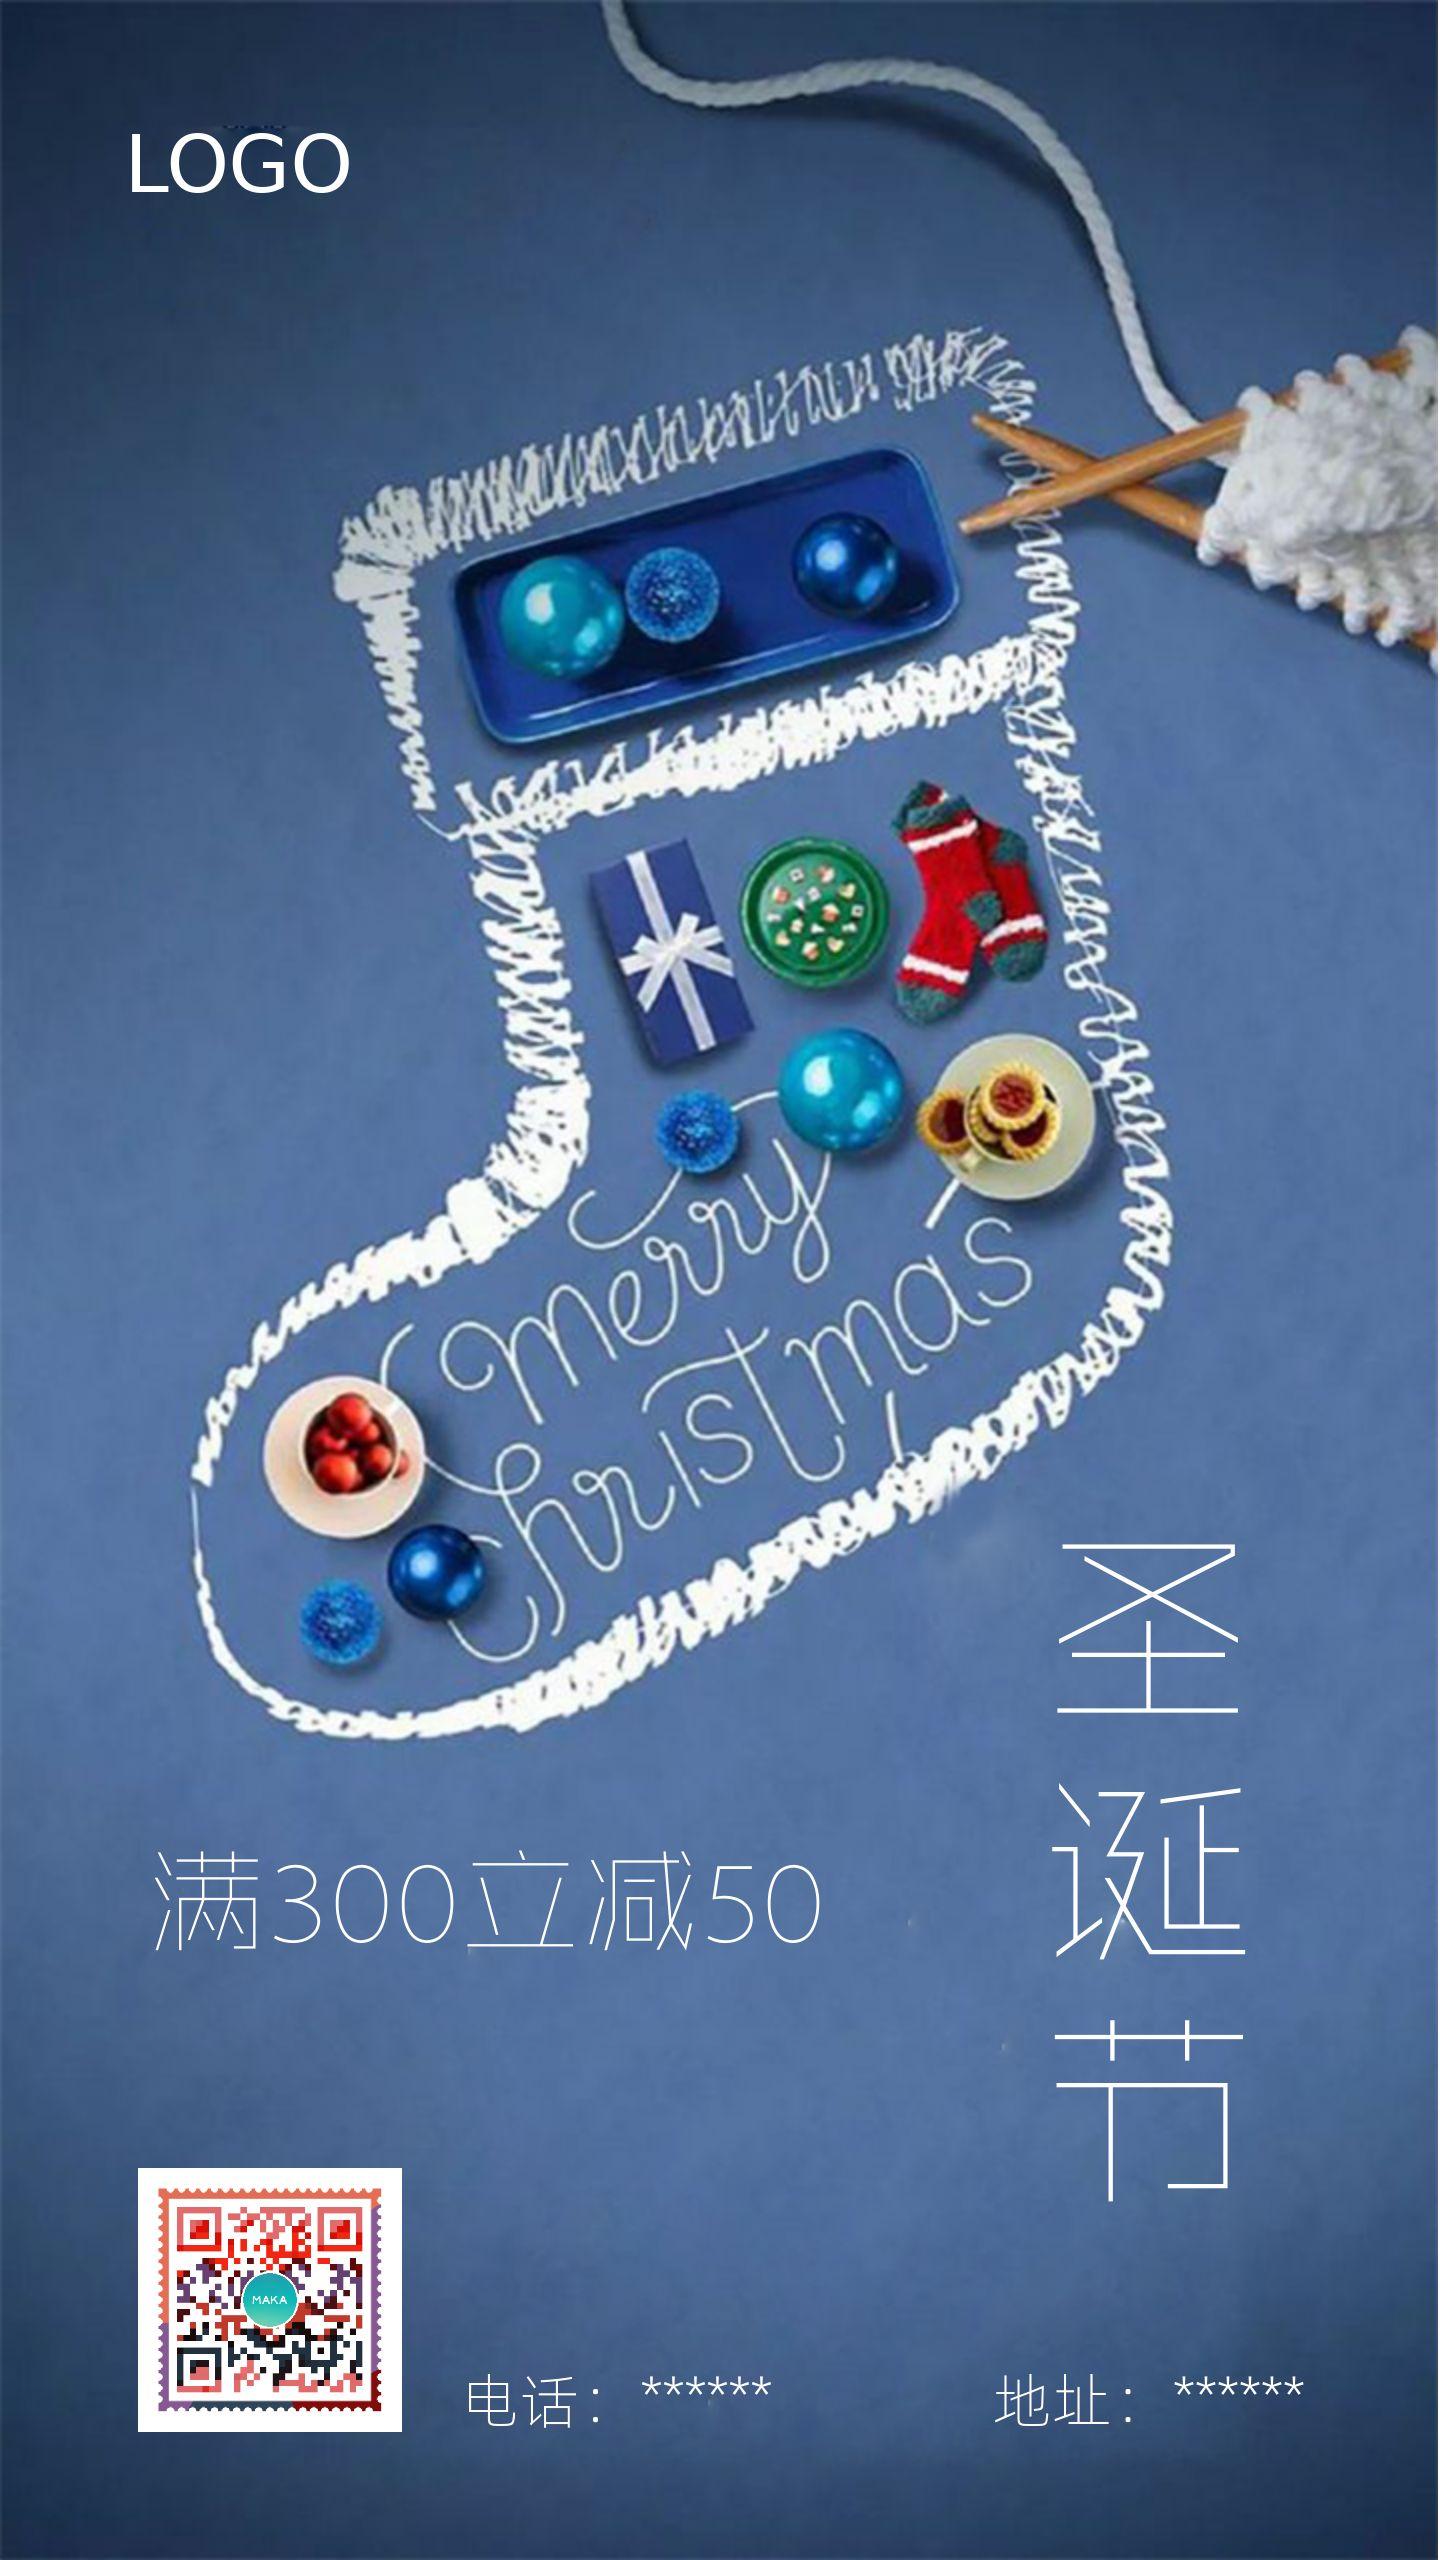 清新简约圣诞节促销海报